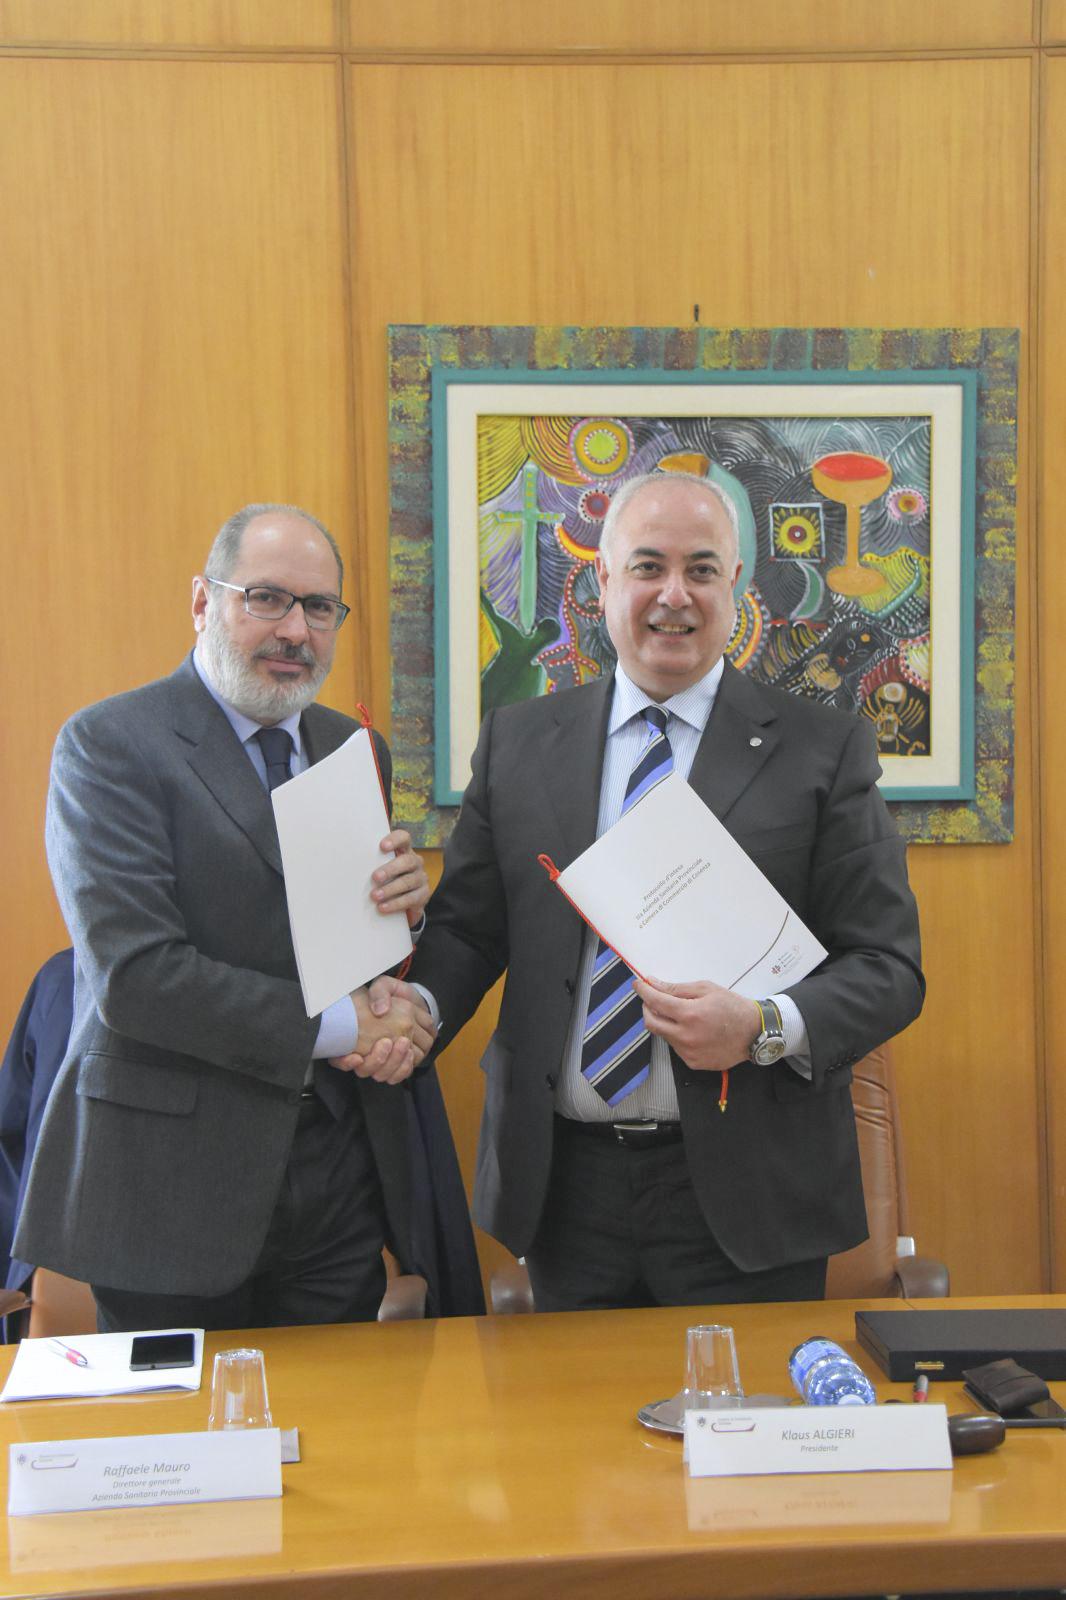 foto- da sinistra Raffaele Mauro (dg Asp Cosenza) e Klaus Algieri (presidente Camera di Commercio di Cosenza)